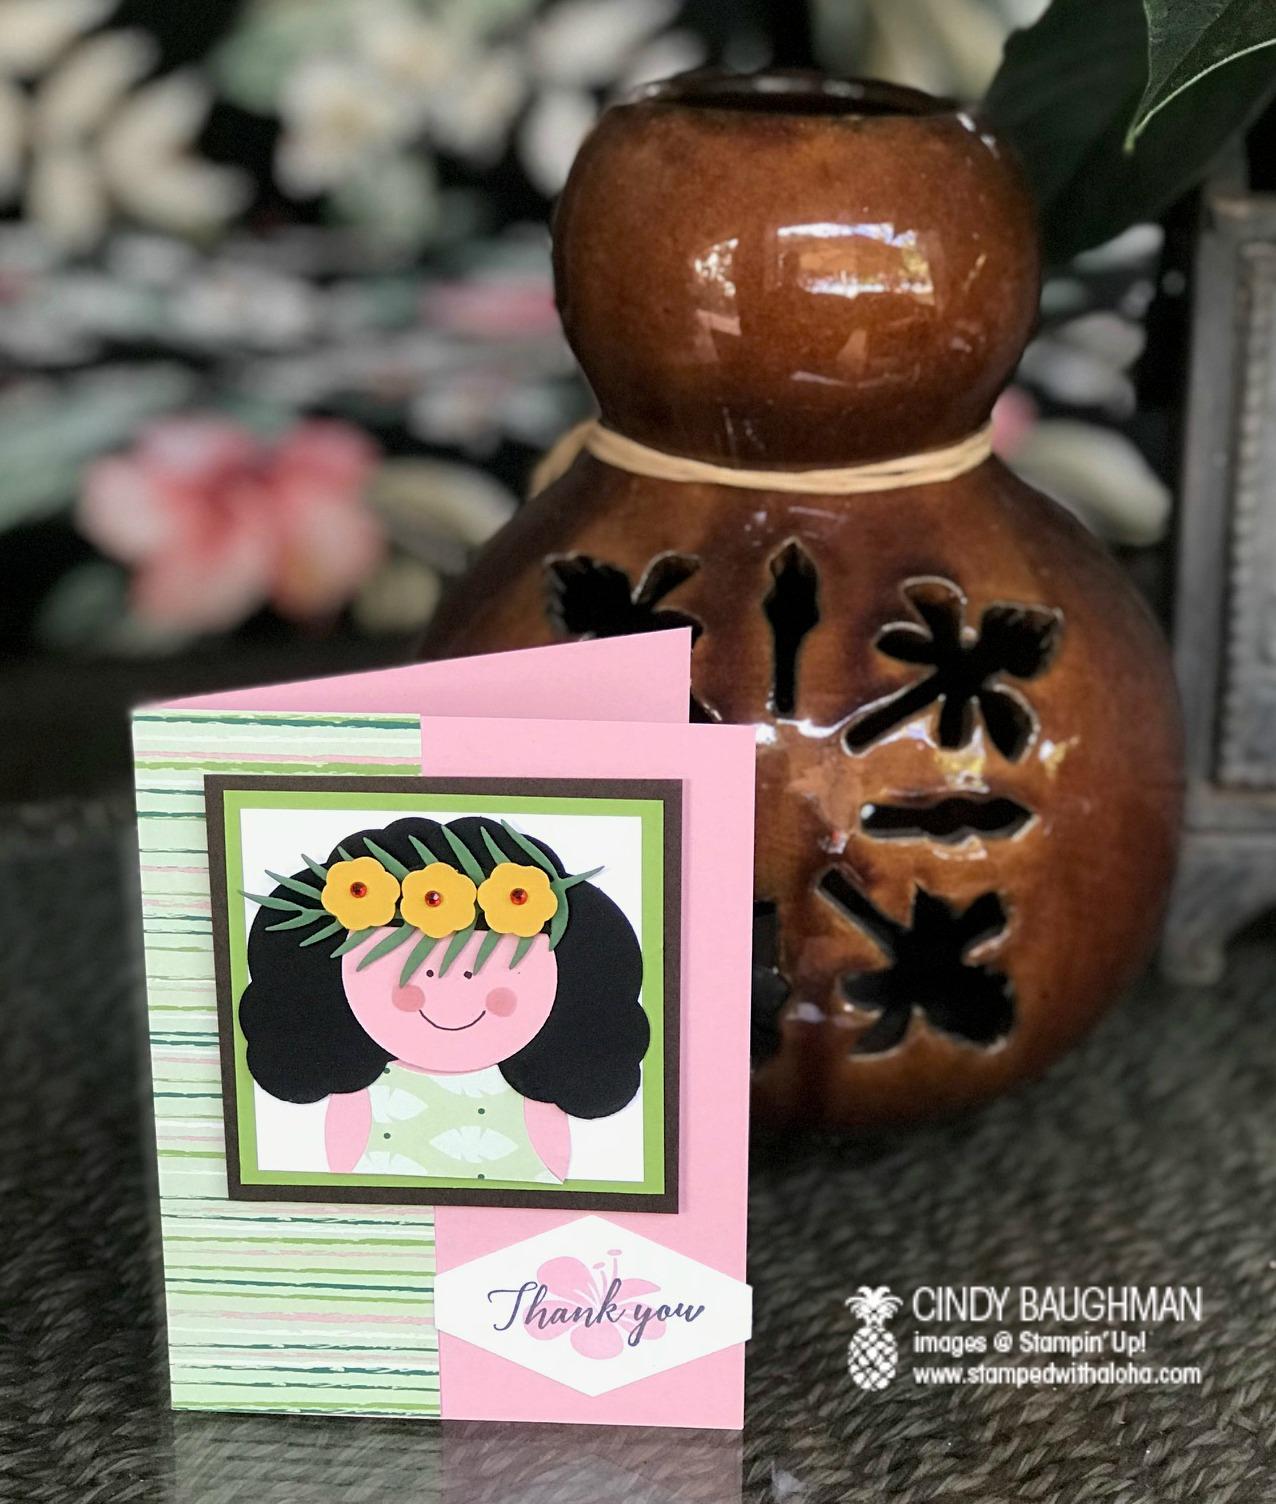 Tropical Escape Card - www.stampredwithaloha.com